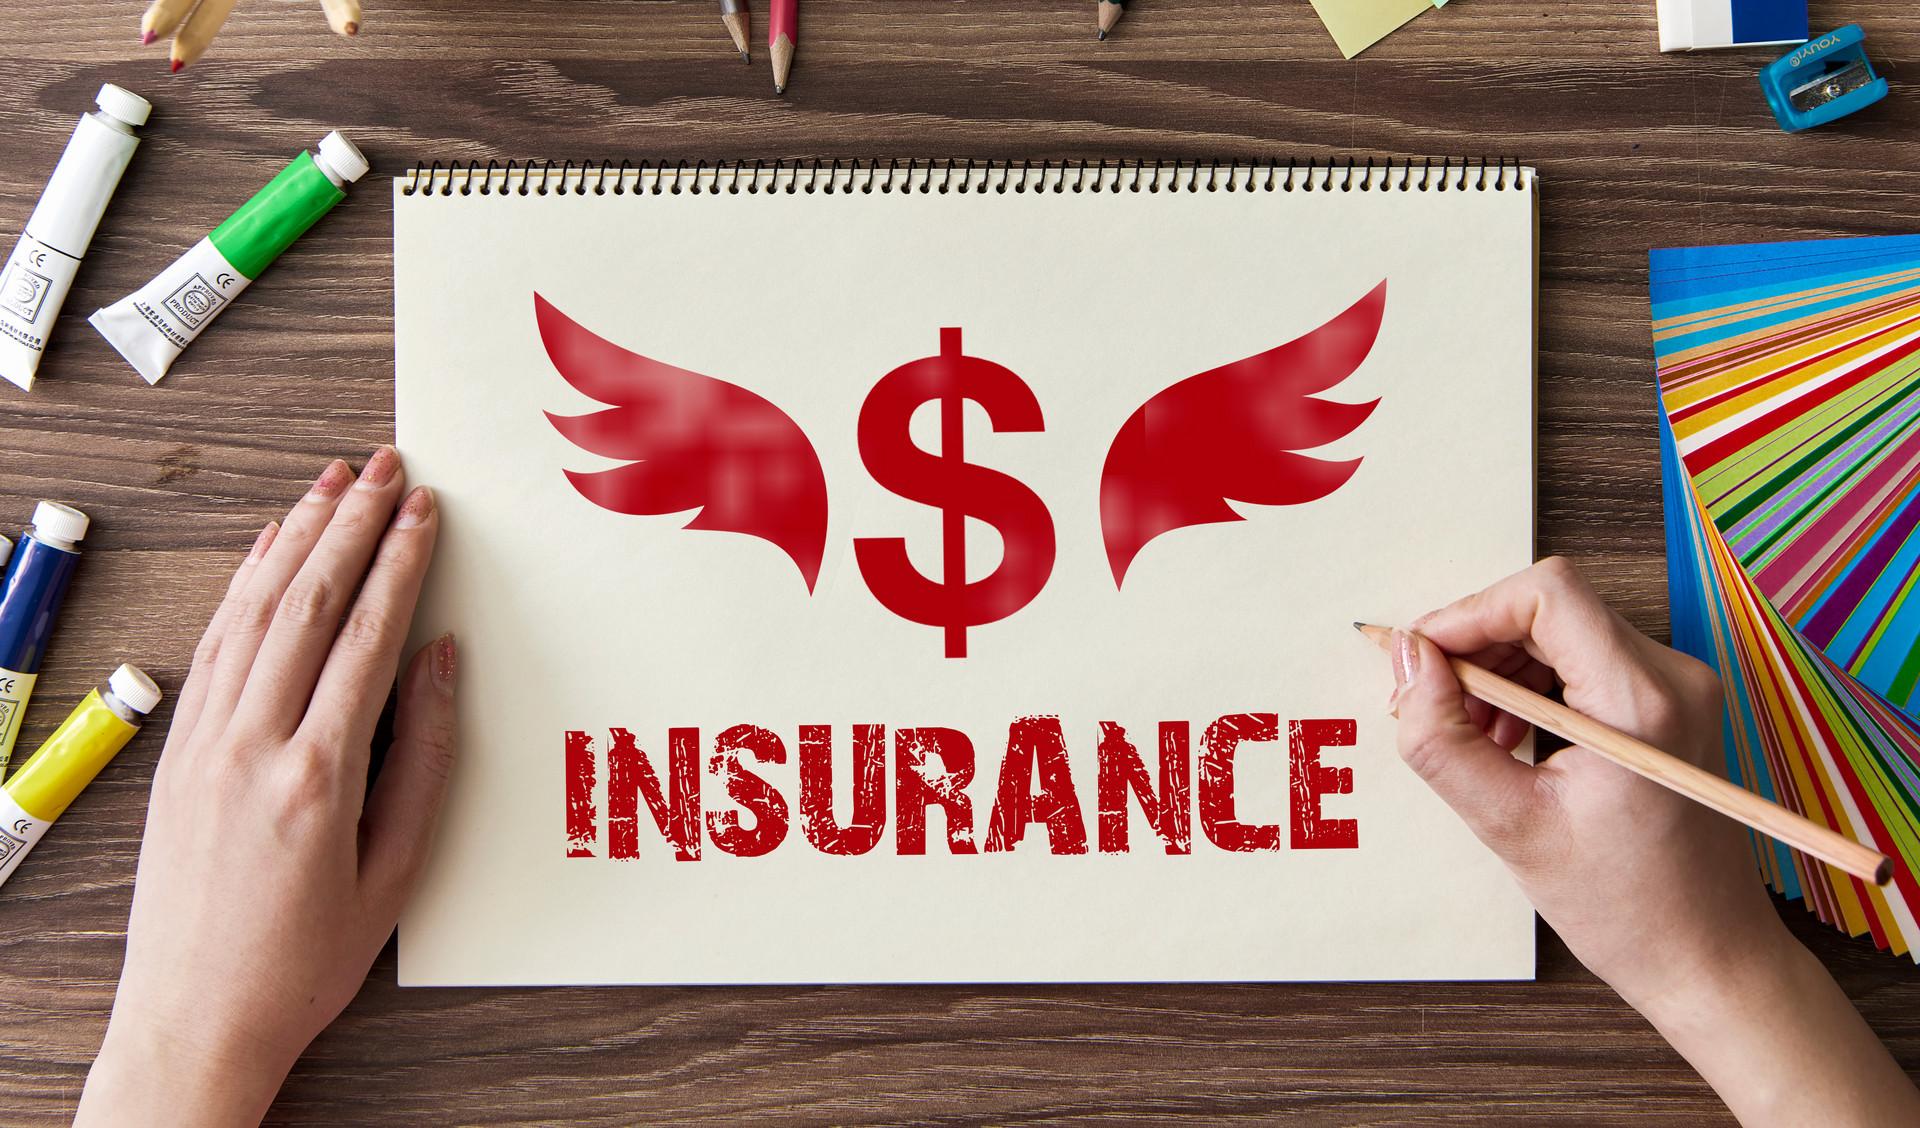 买错保险退保之后再投保会有哪些影响,不退保怎么降低损失